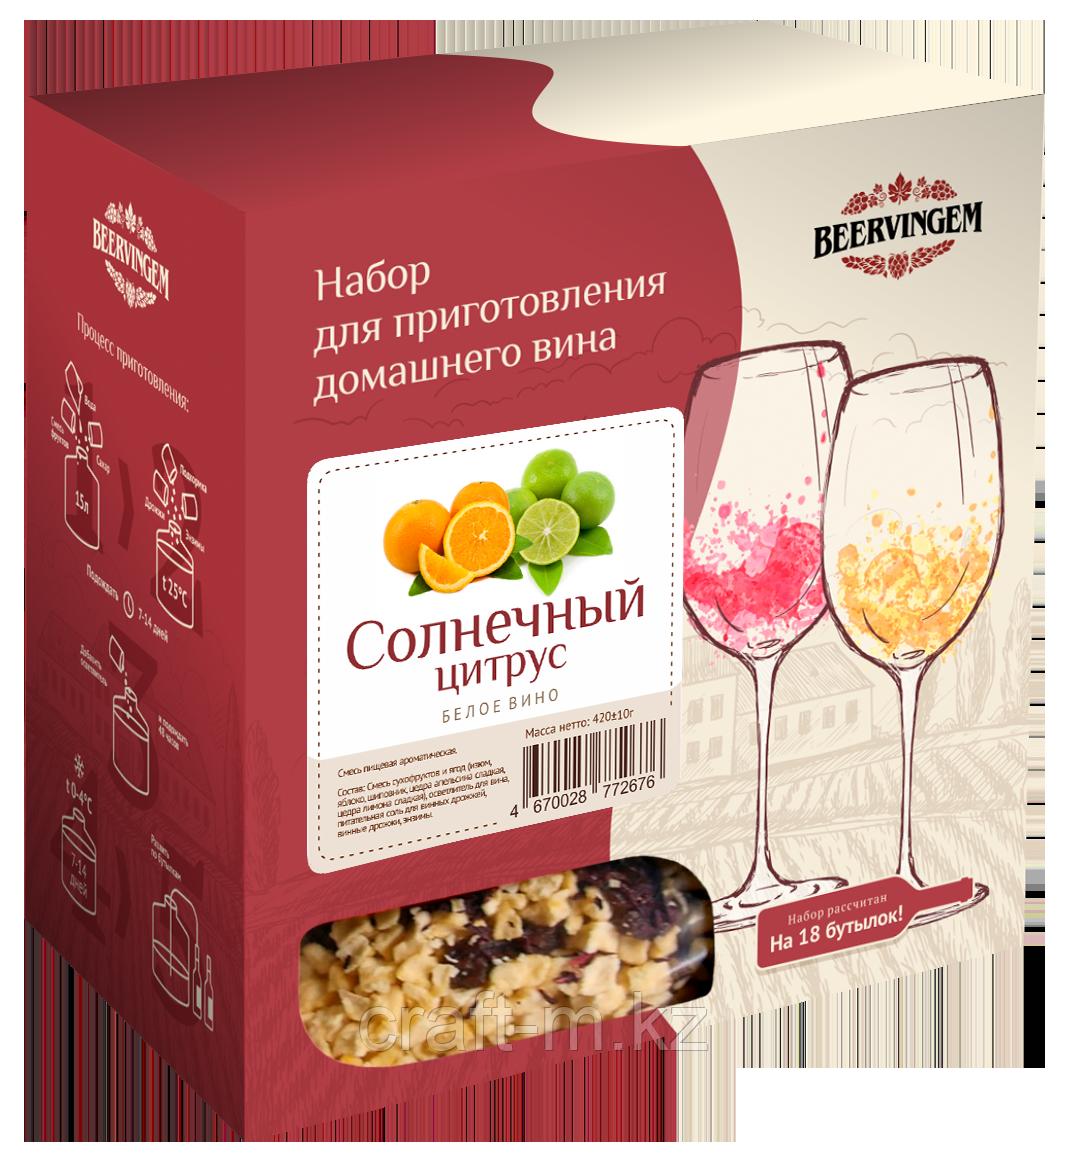 """Набор для приготовления домашнего вина Beervingem """"Солнечный цитрус"""" на 13,5 л"""